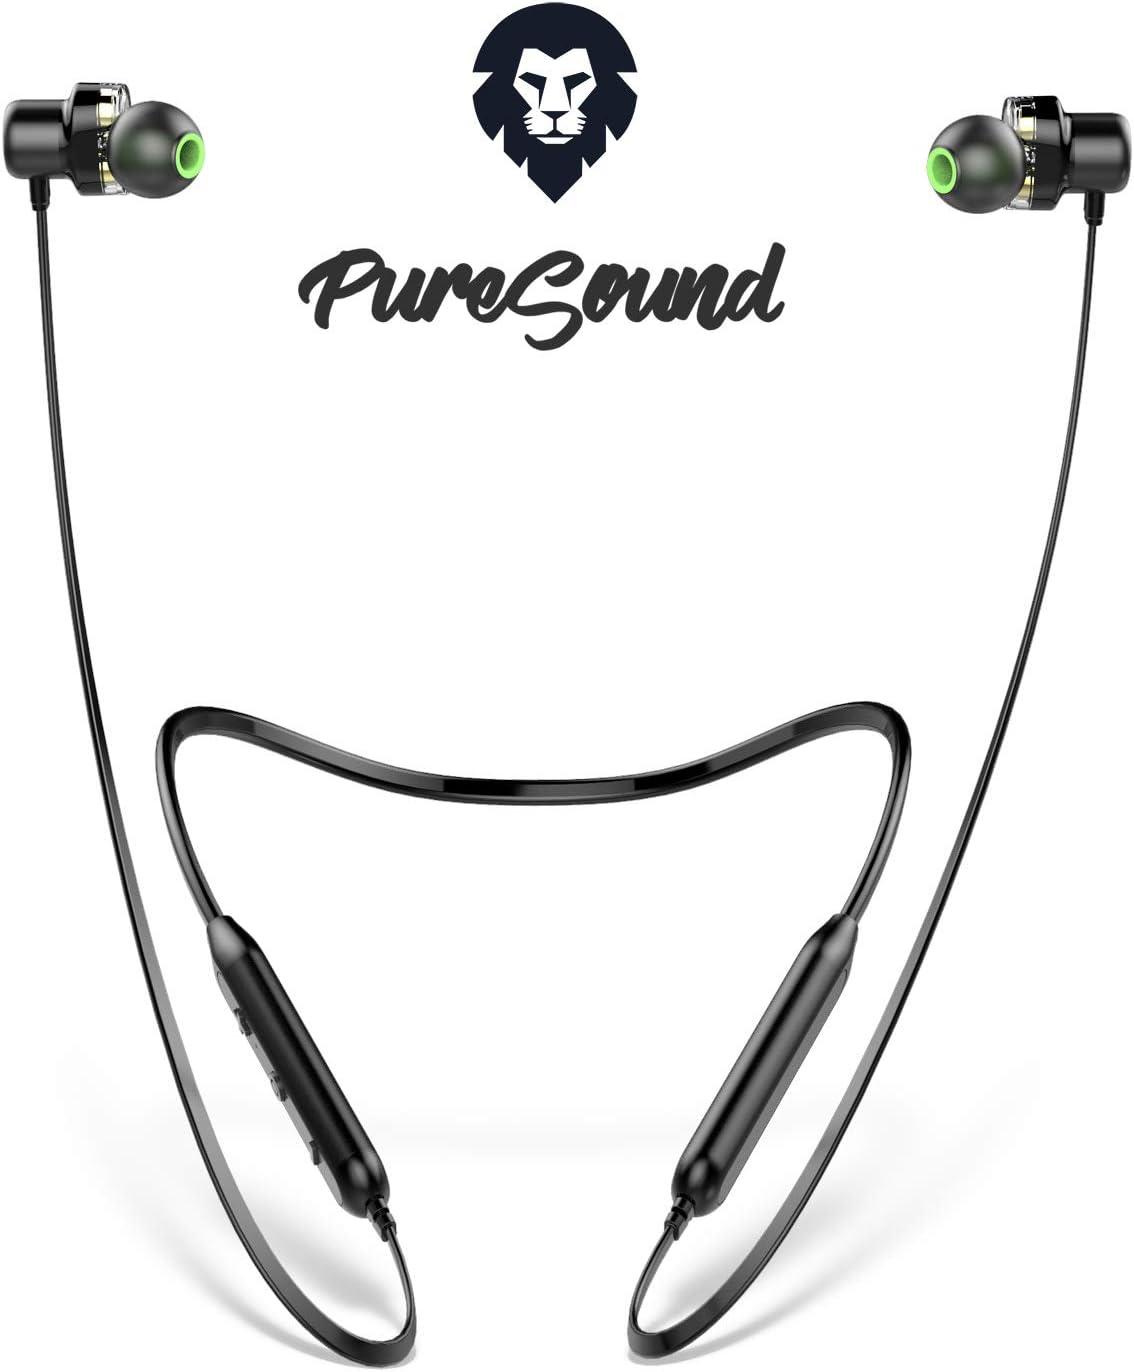 Auriculares Bluetooth Deportivos Encore Pure Sound, Marca Europea, Auriculares inalambricos Bluetooth 10h Sonido estéreo con Dual Driver, Cascos Bluetooth para Smartphone, Tablet, pc iOS y Android